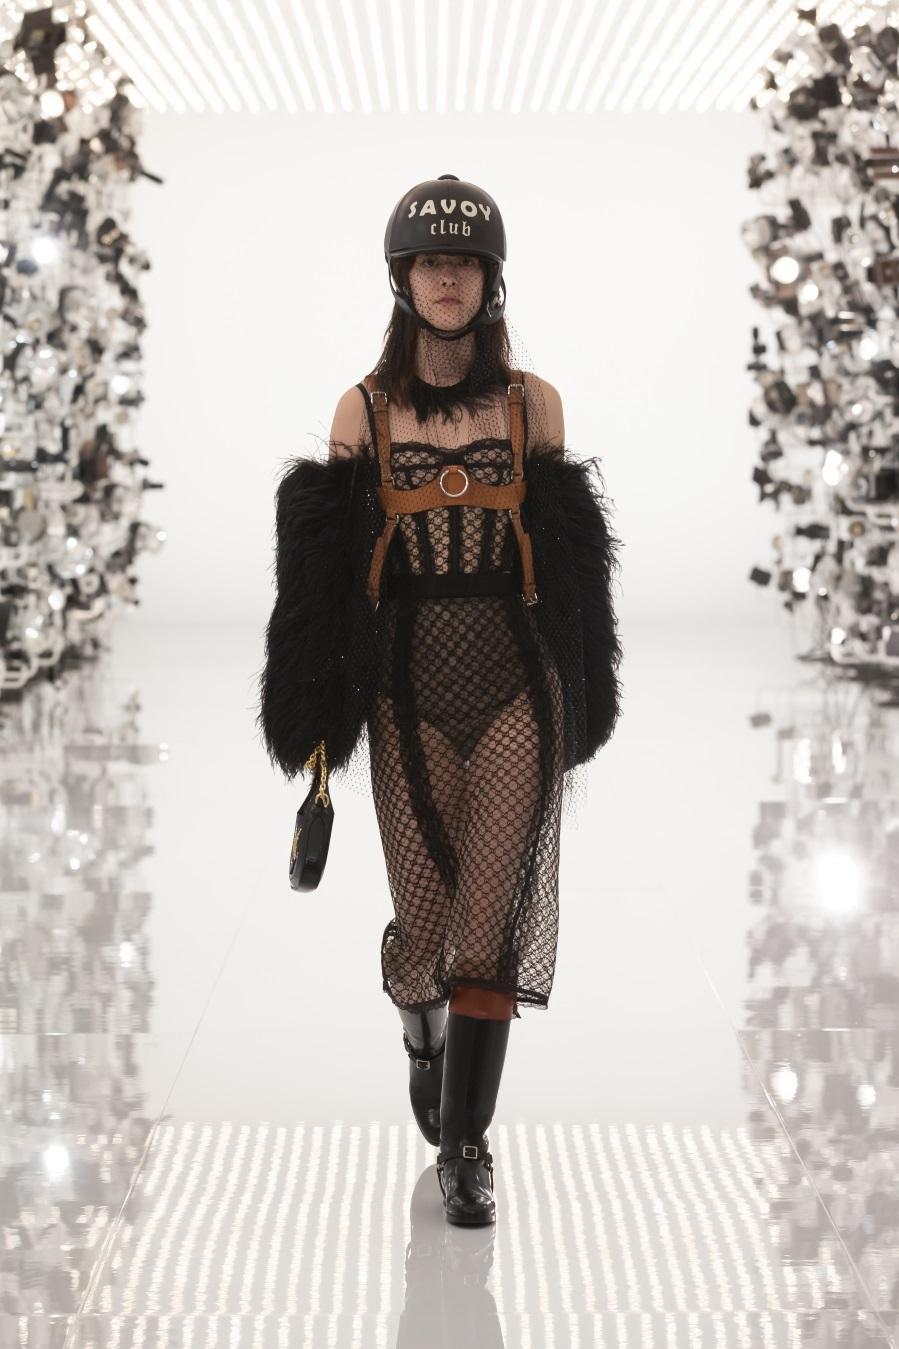 Desfile del centenario de Gucci - otoño - invierno 2021/22